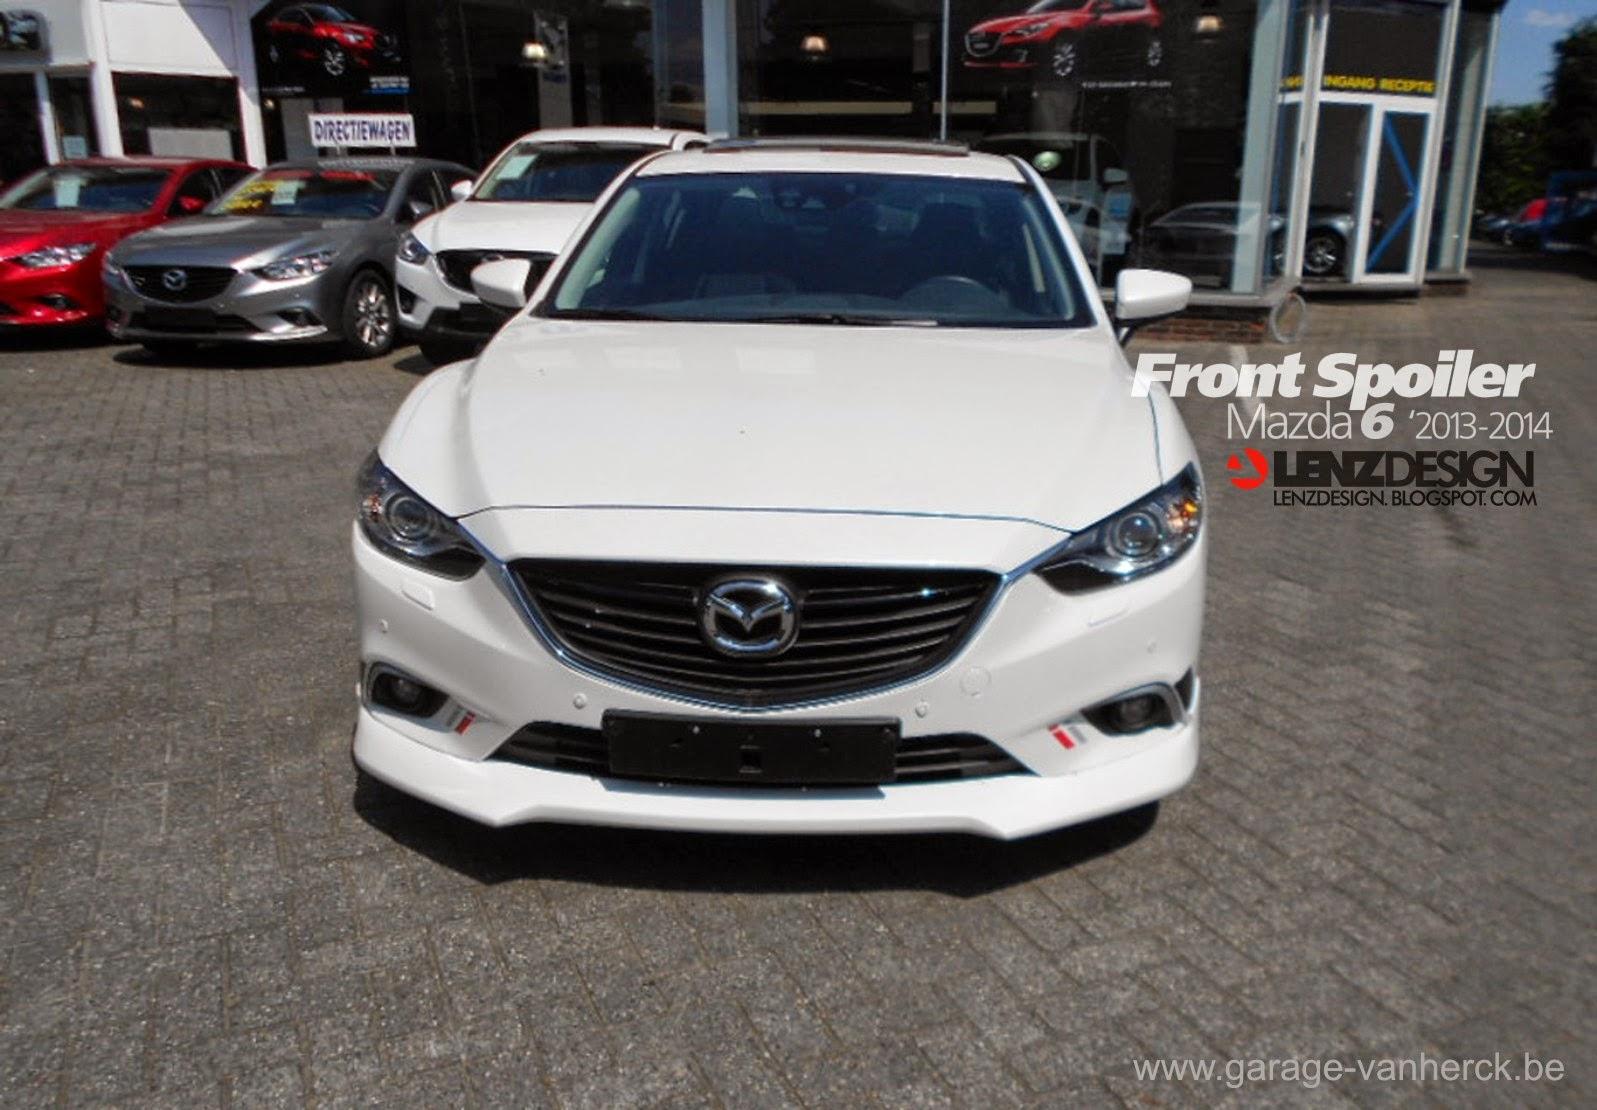 Mazda 6 GJ Atenza Lenzdesign Bodykit & Spoilers 2013 2014 ...